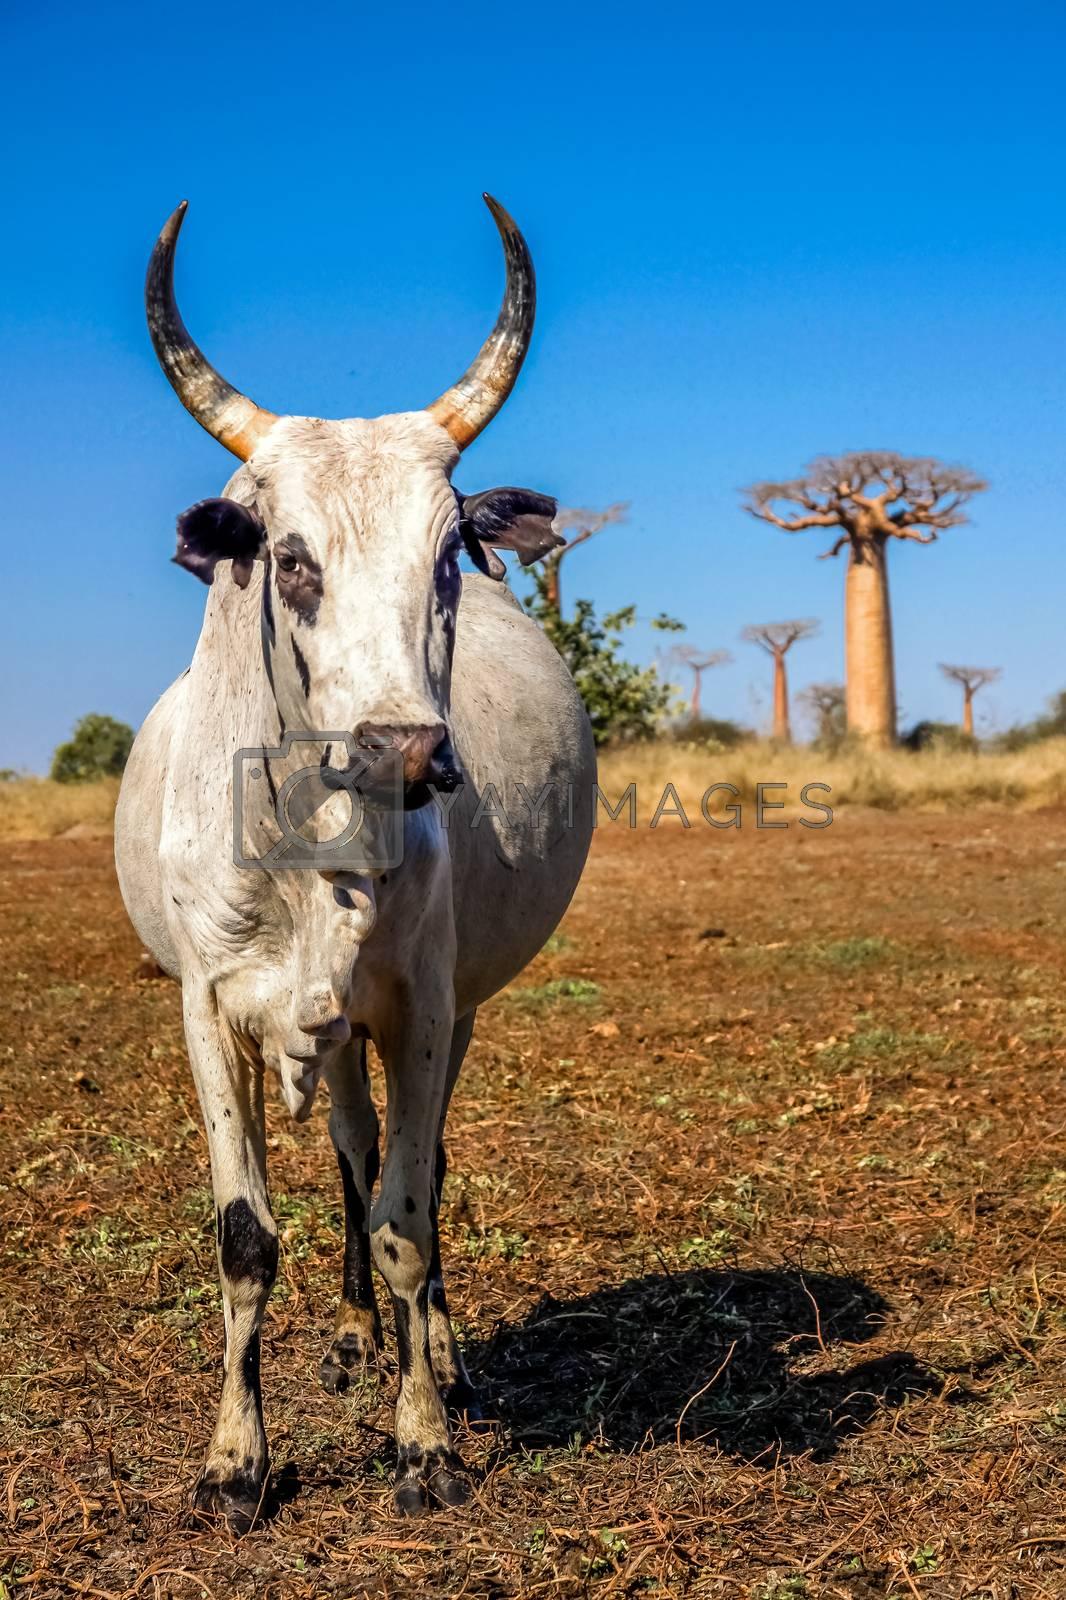 White zebu among the baobab trees in Madagascar